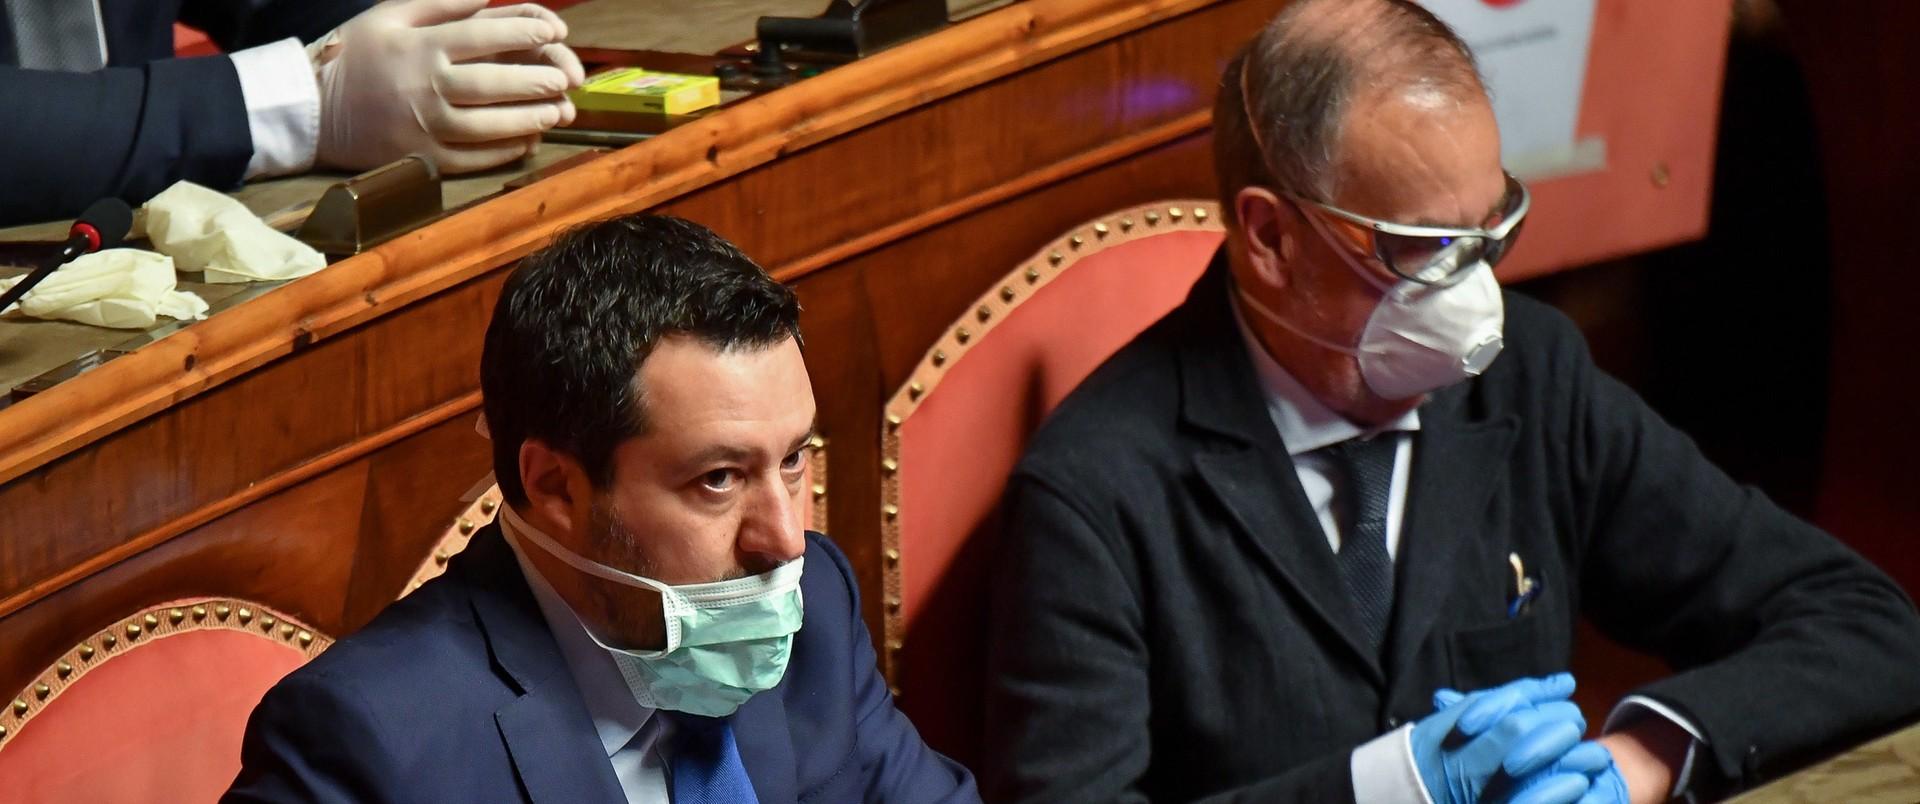 Matteo Salvini w czase sesji włoskiego parlamentu